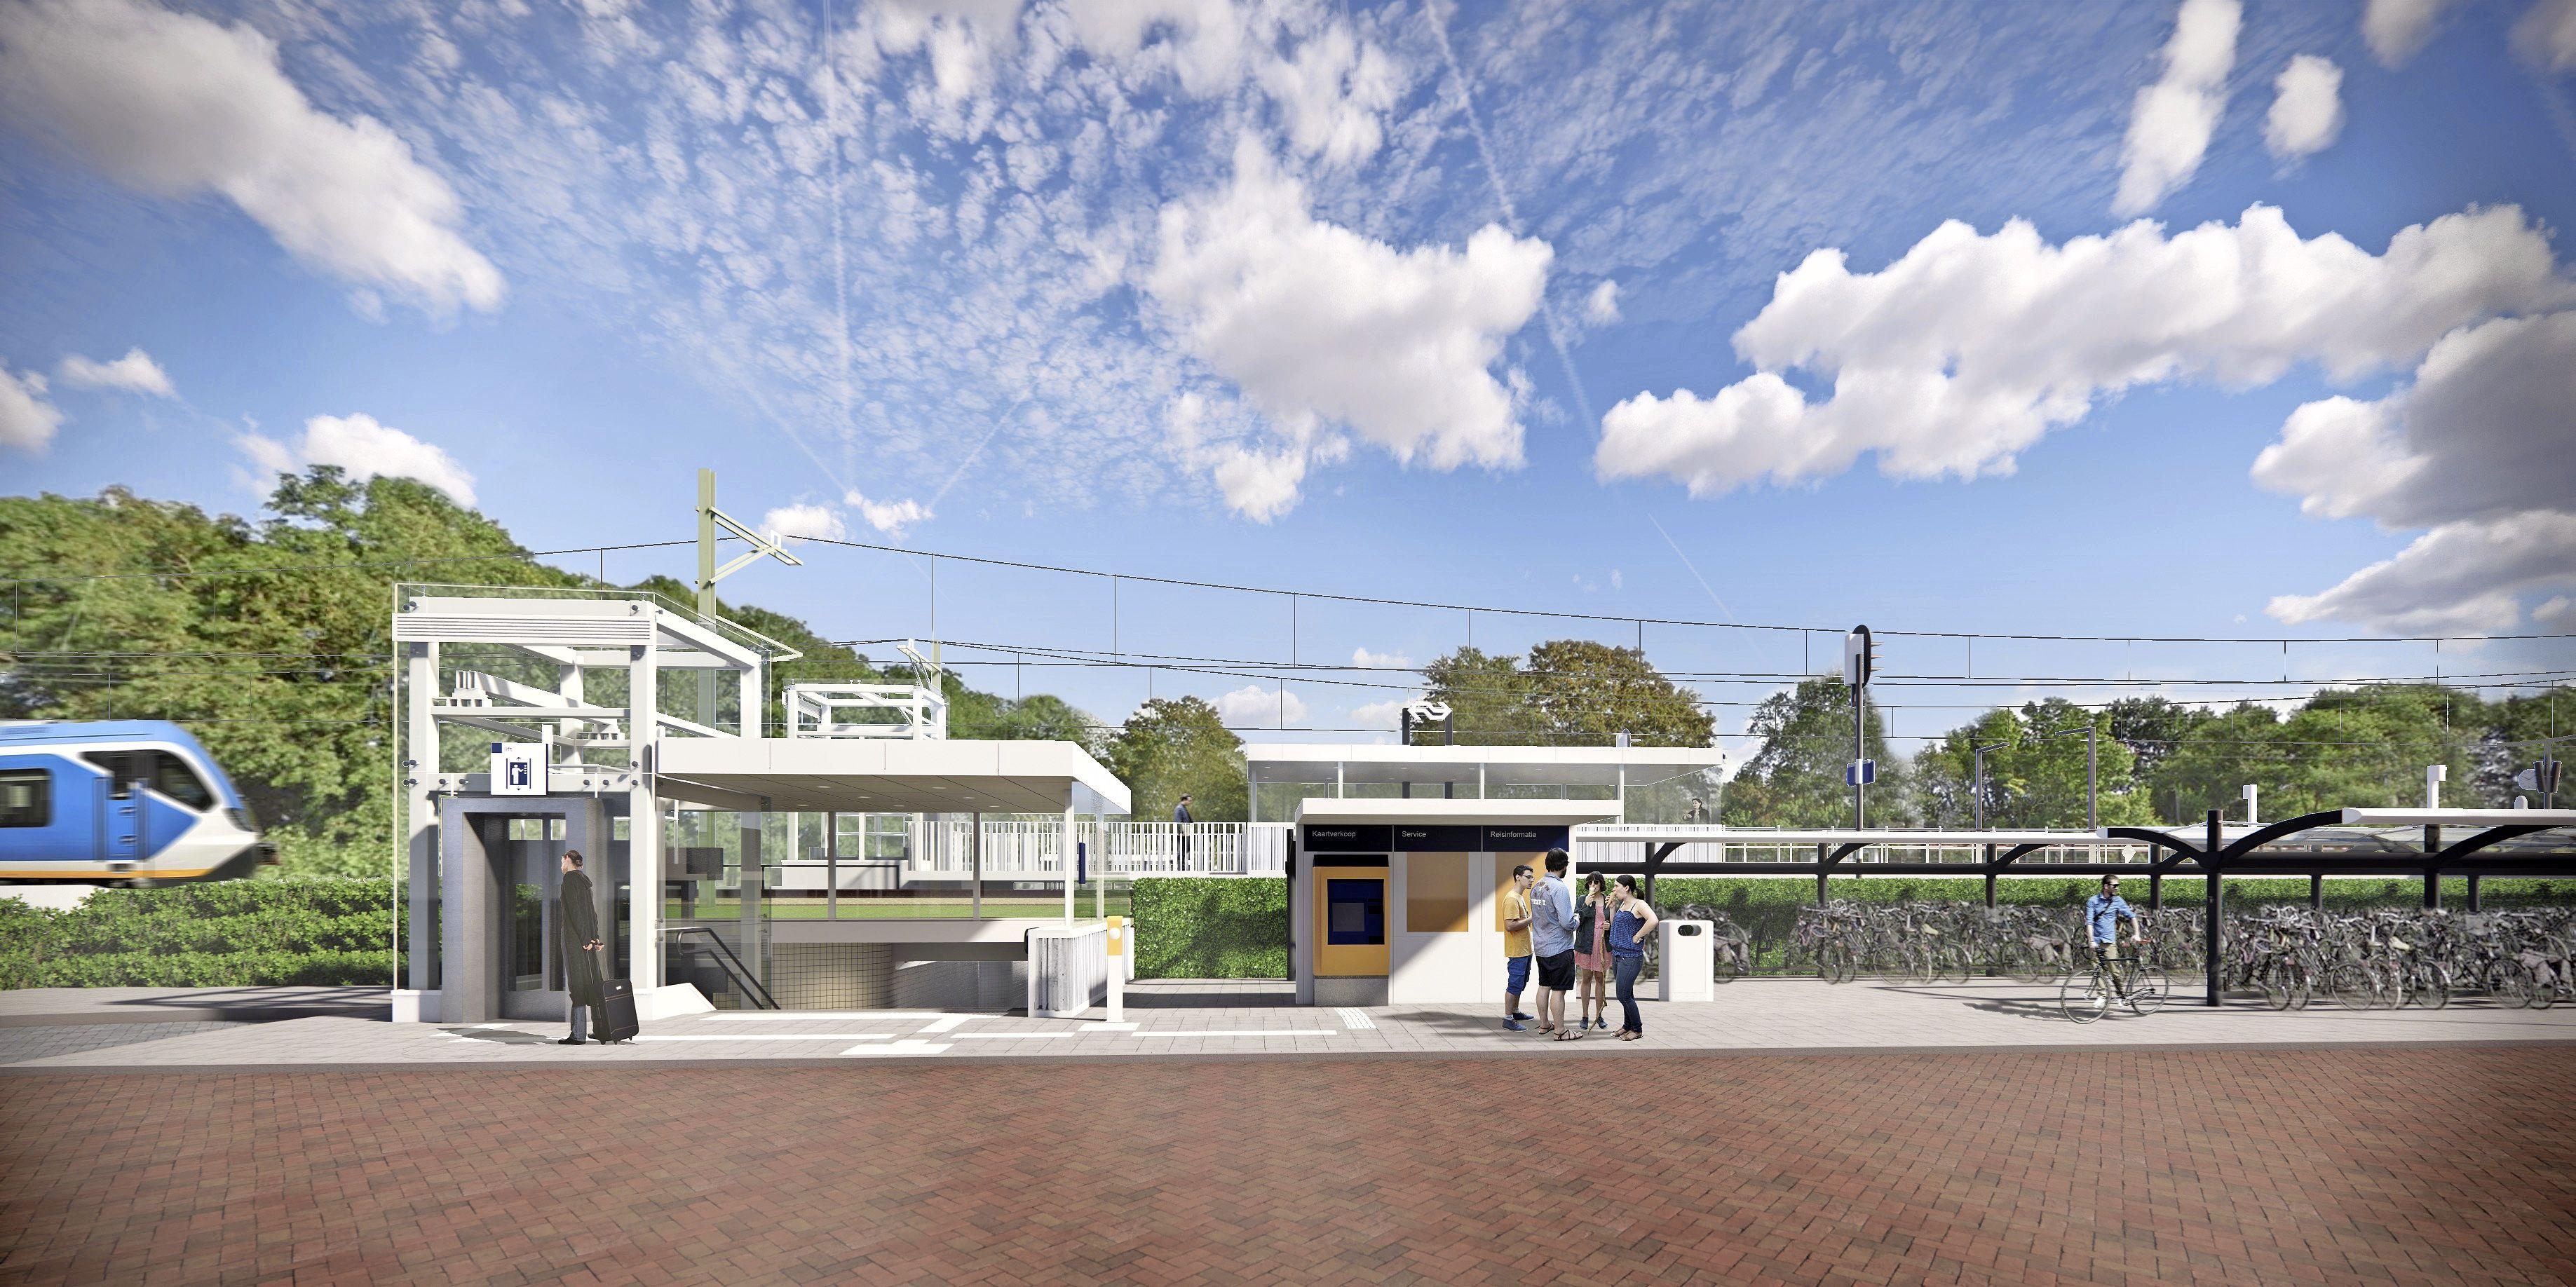 Grote verbouwing station Driehuis: in april een weekend geen treinen